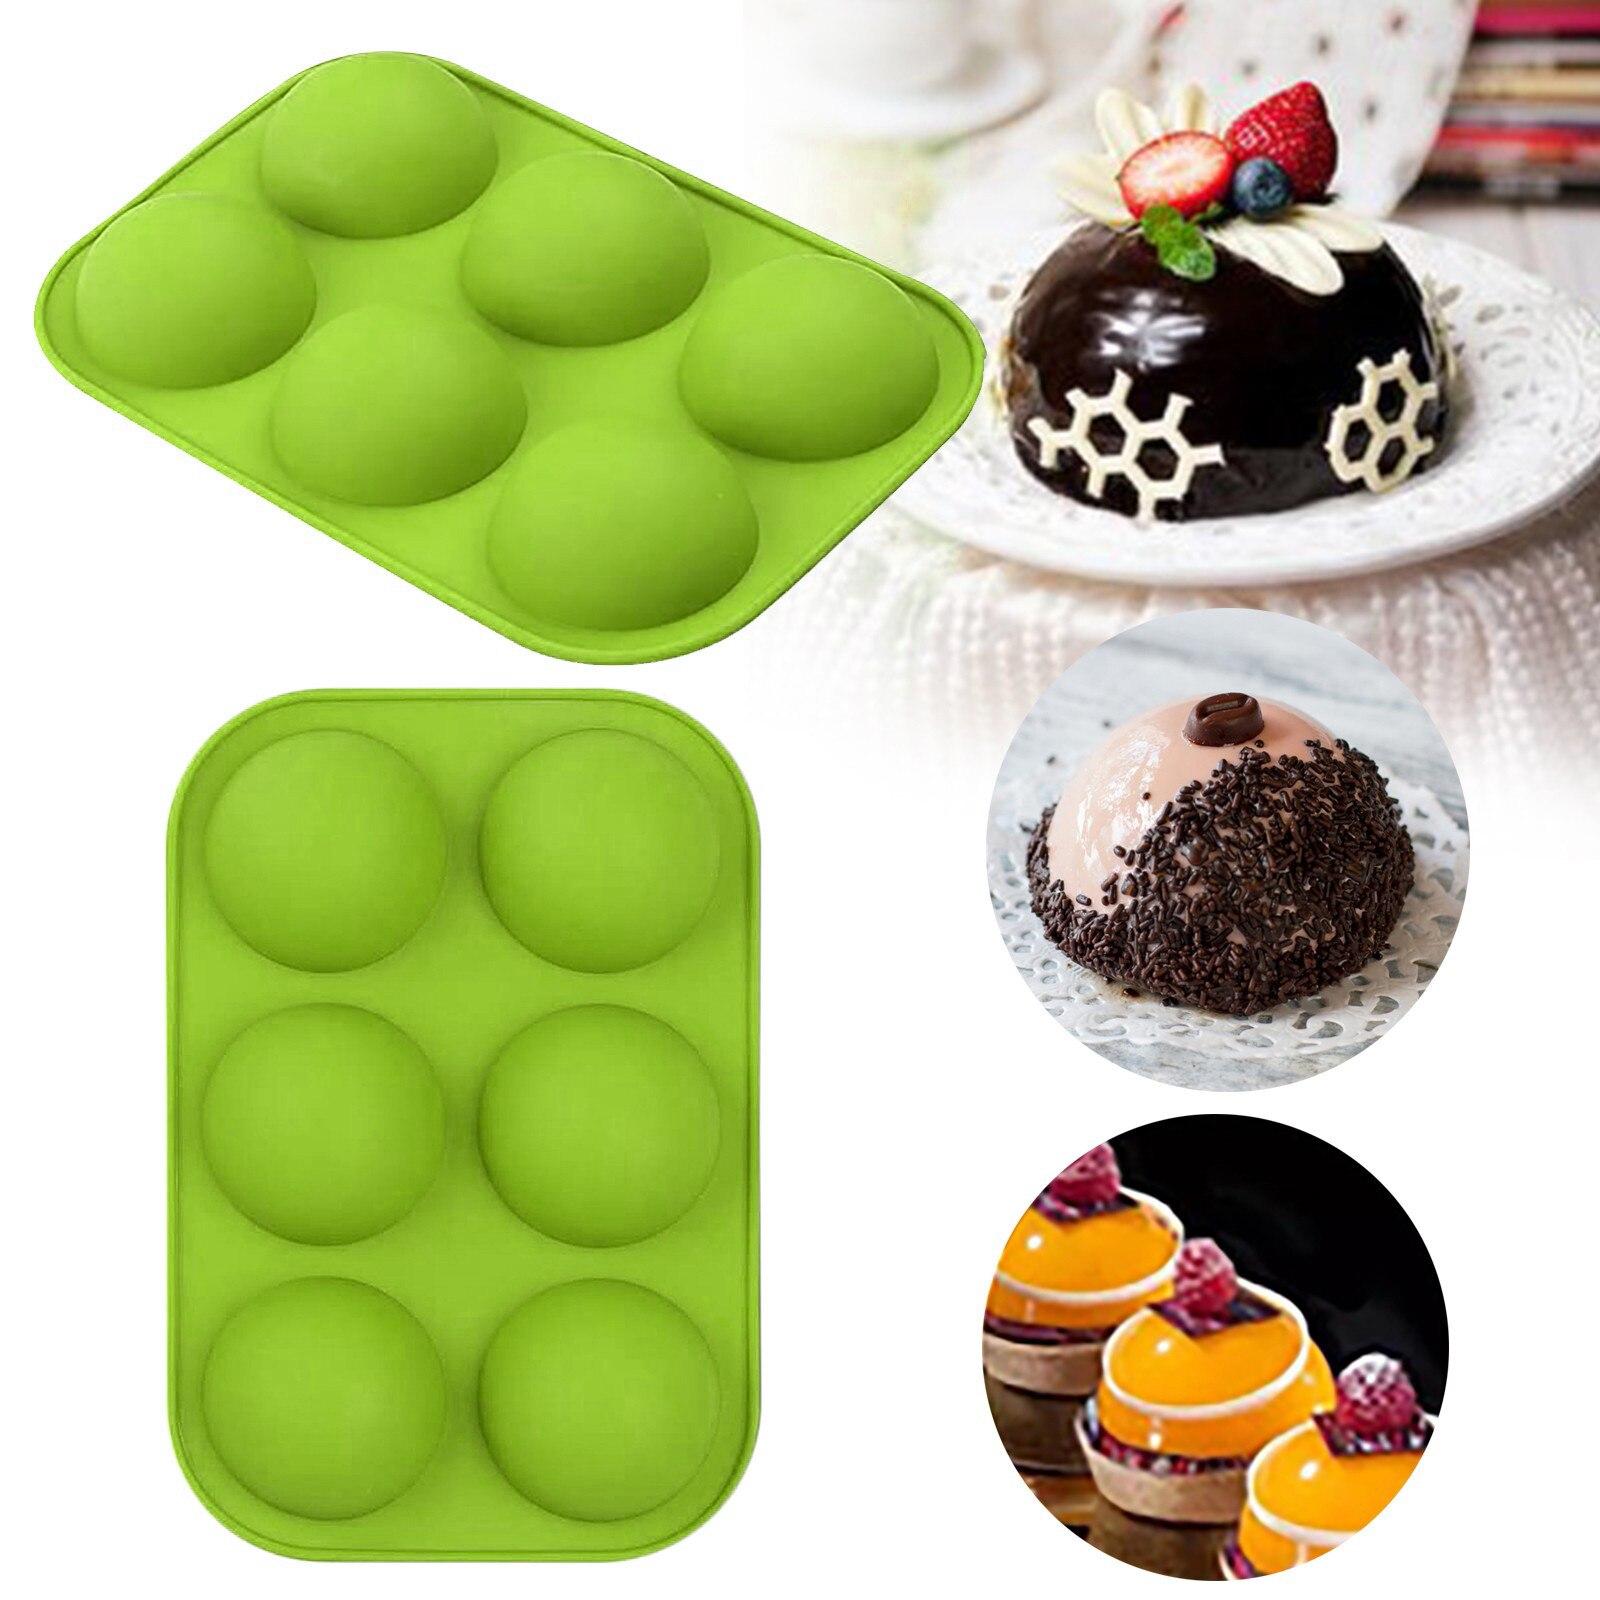 25 # Средний полу сферы силиконовые формы 2/3 пакеты пресс-формы для выпечки для приготовления шоколада силиконовая форма для пирога купол м ^ ...